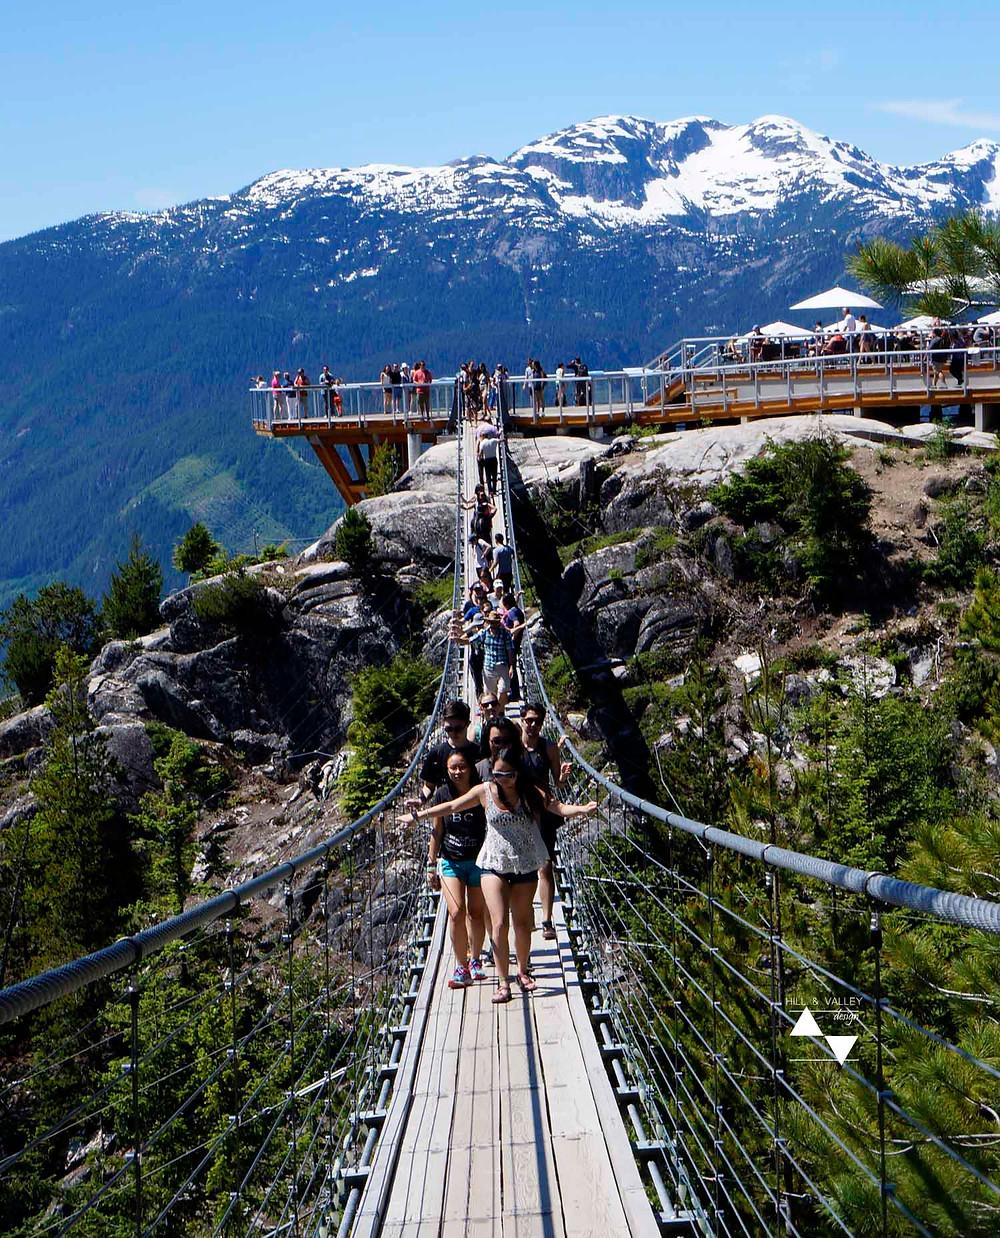 Suspension bridge at sea to sky goldona, Squamish